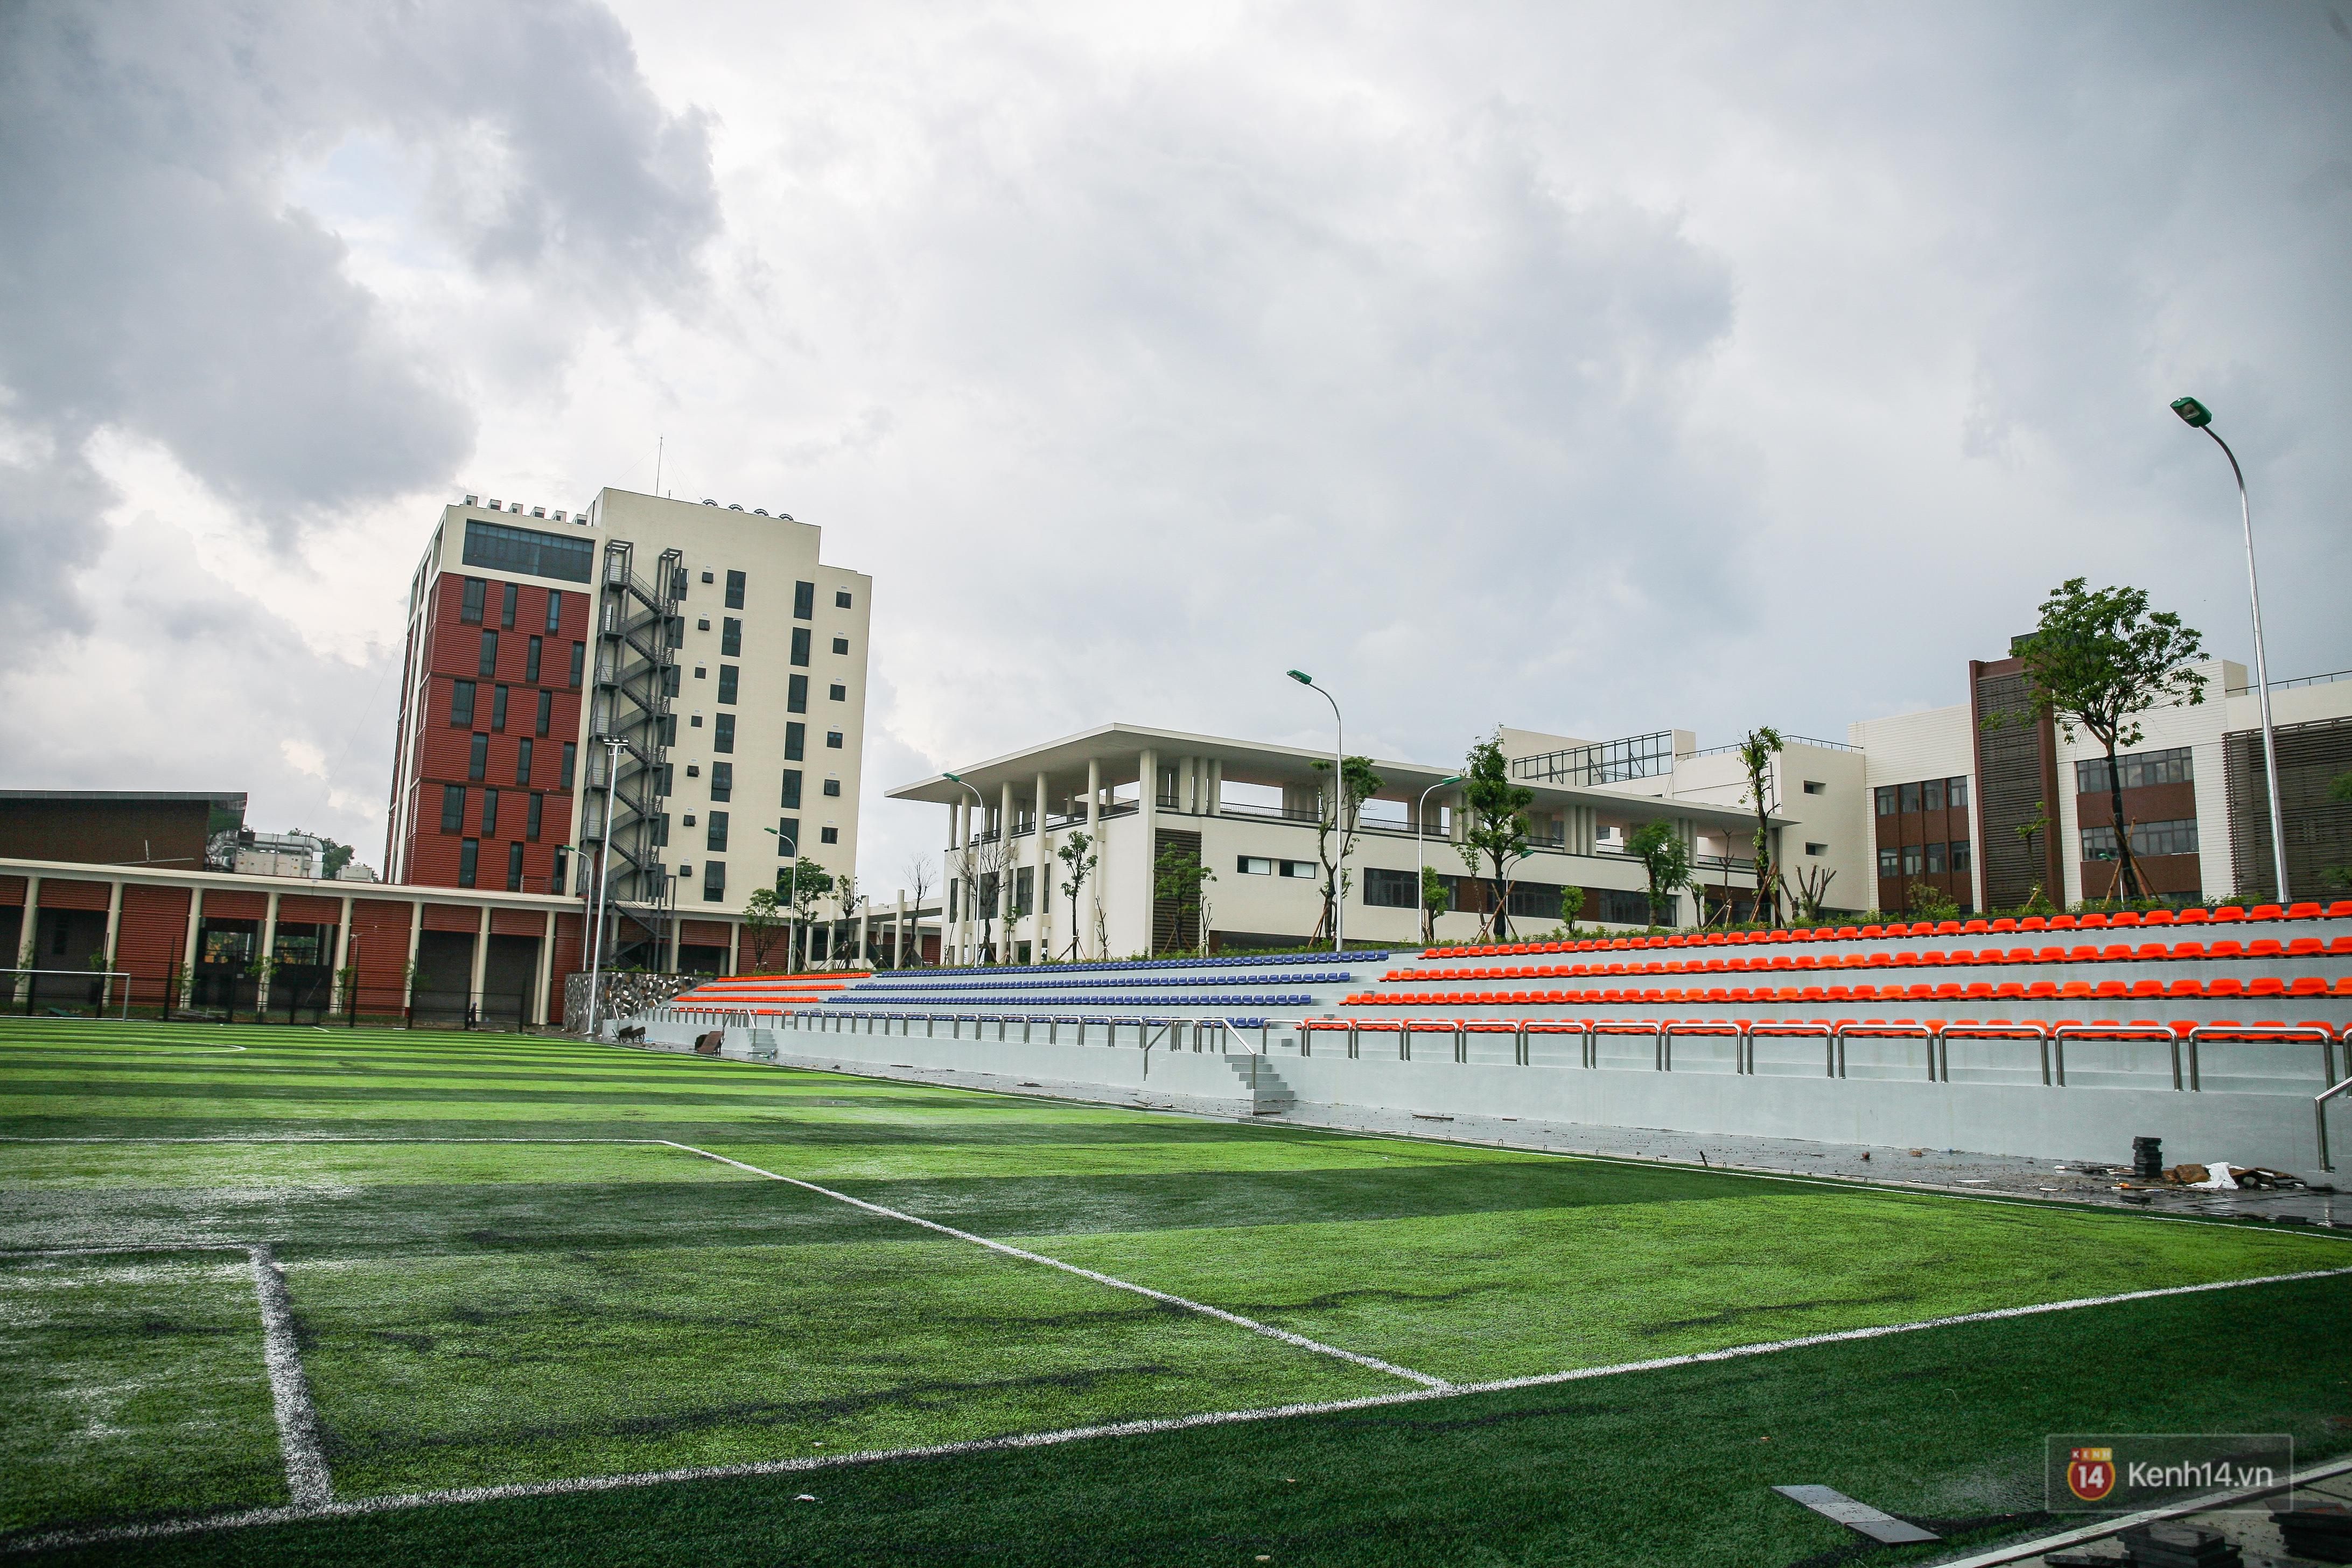 Cận cảnh ngôi trường chuyên 600 tỉ của Bắc Ninh: Đẹp, sang và Tây hết nấc! - Ảnh 12.